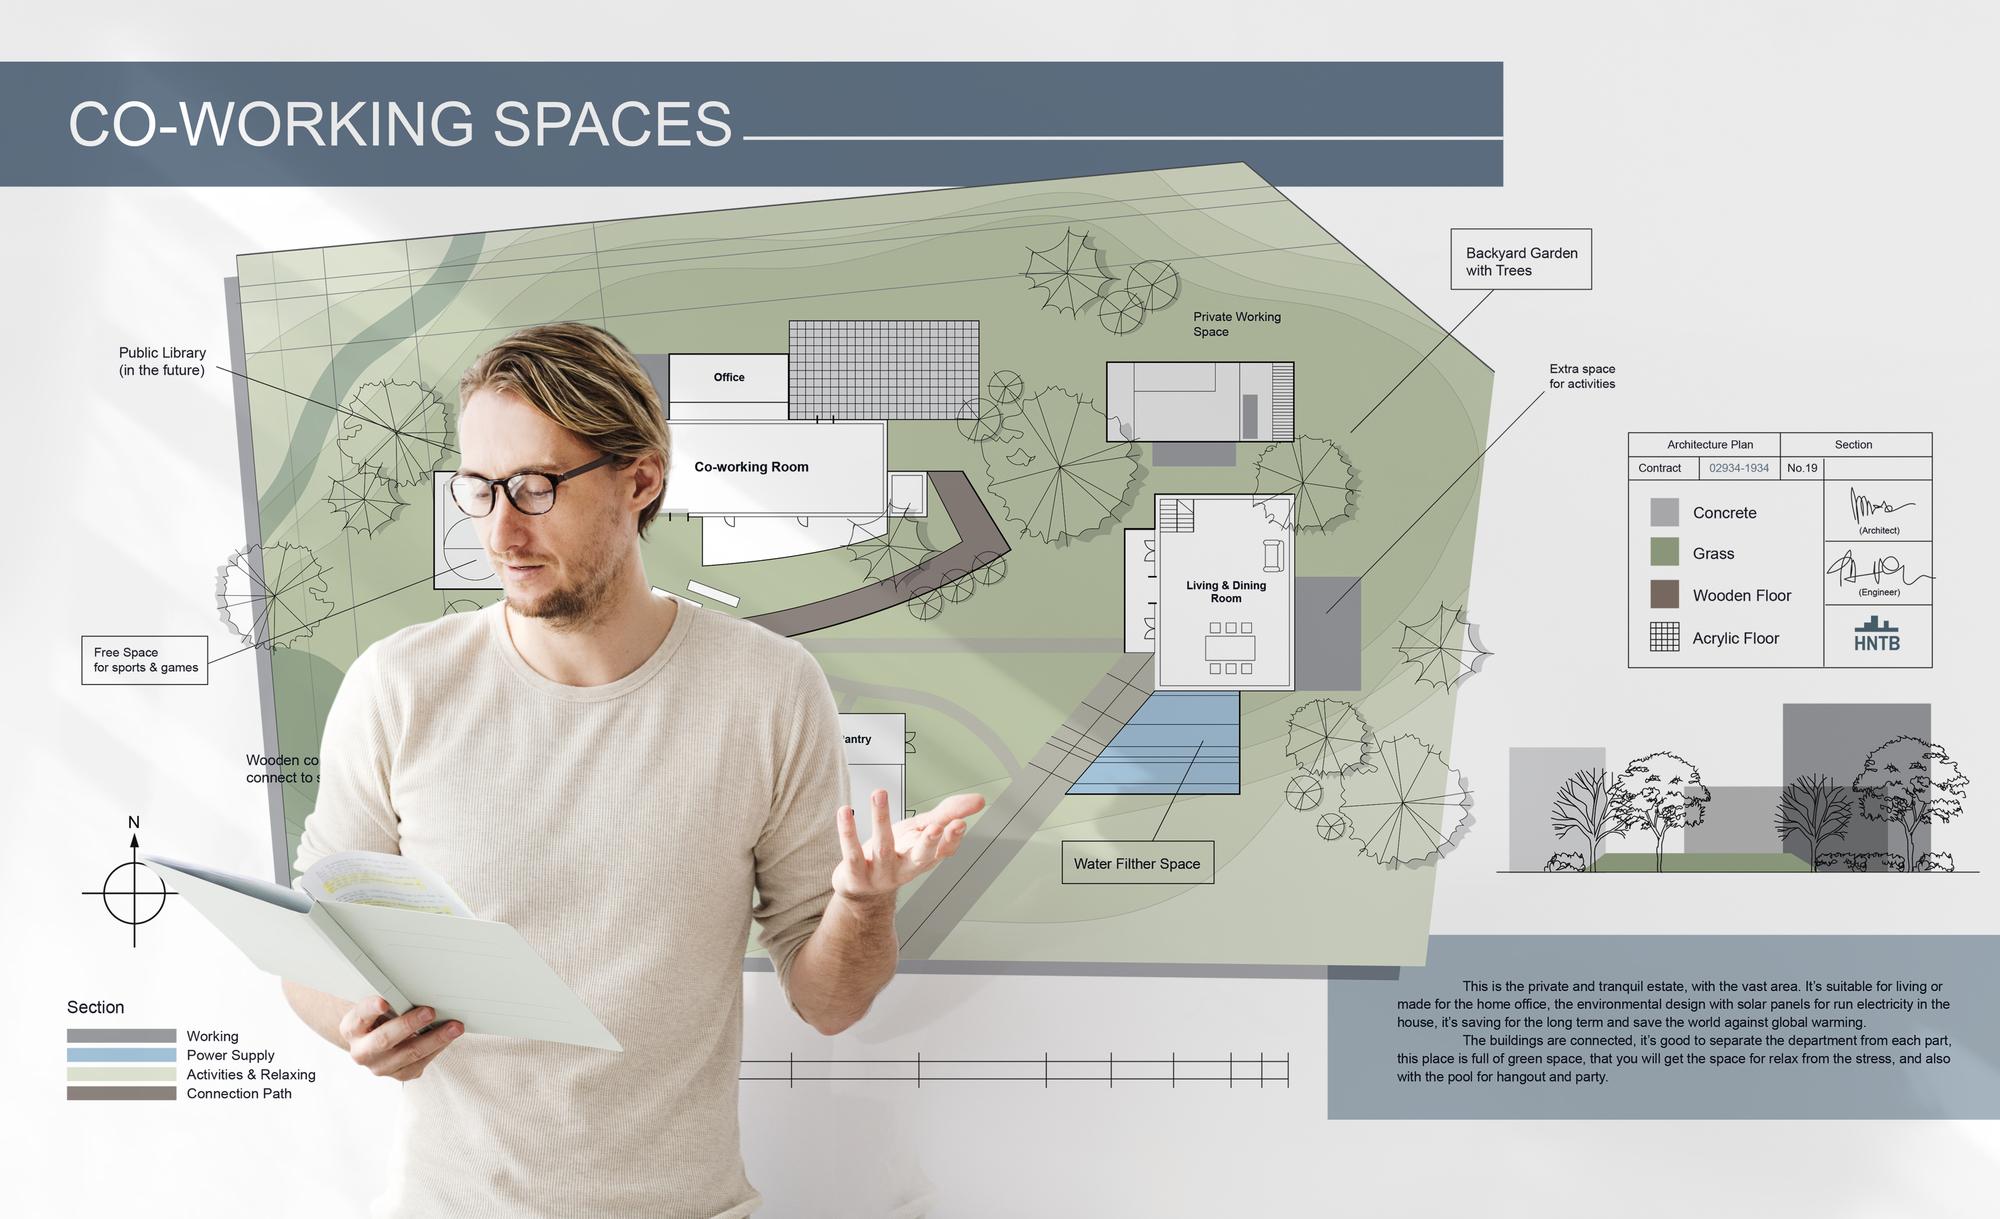 エンジニアもプレゼン入門! LT(ライトニングトーク)のテーマ選びから、スライドの作り方まで - エンジニアHub|若手Webエンジニアのキャリアを考える!